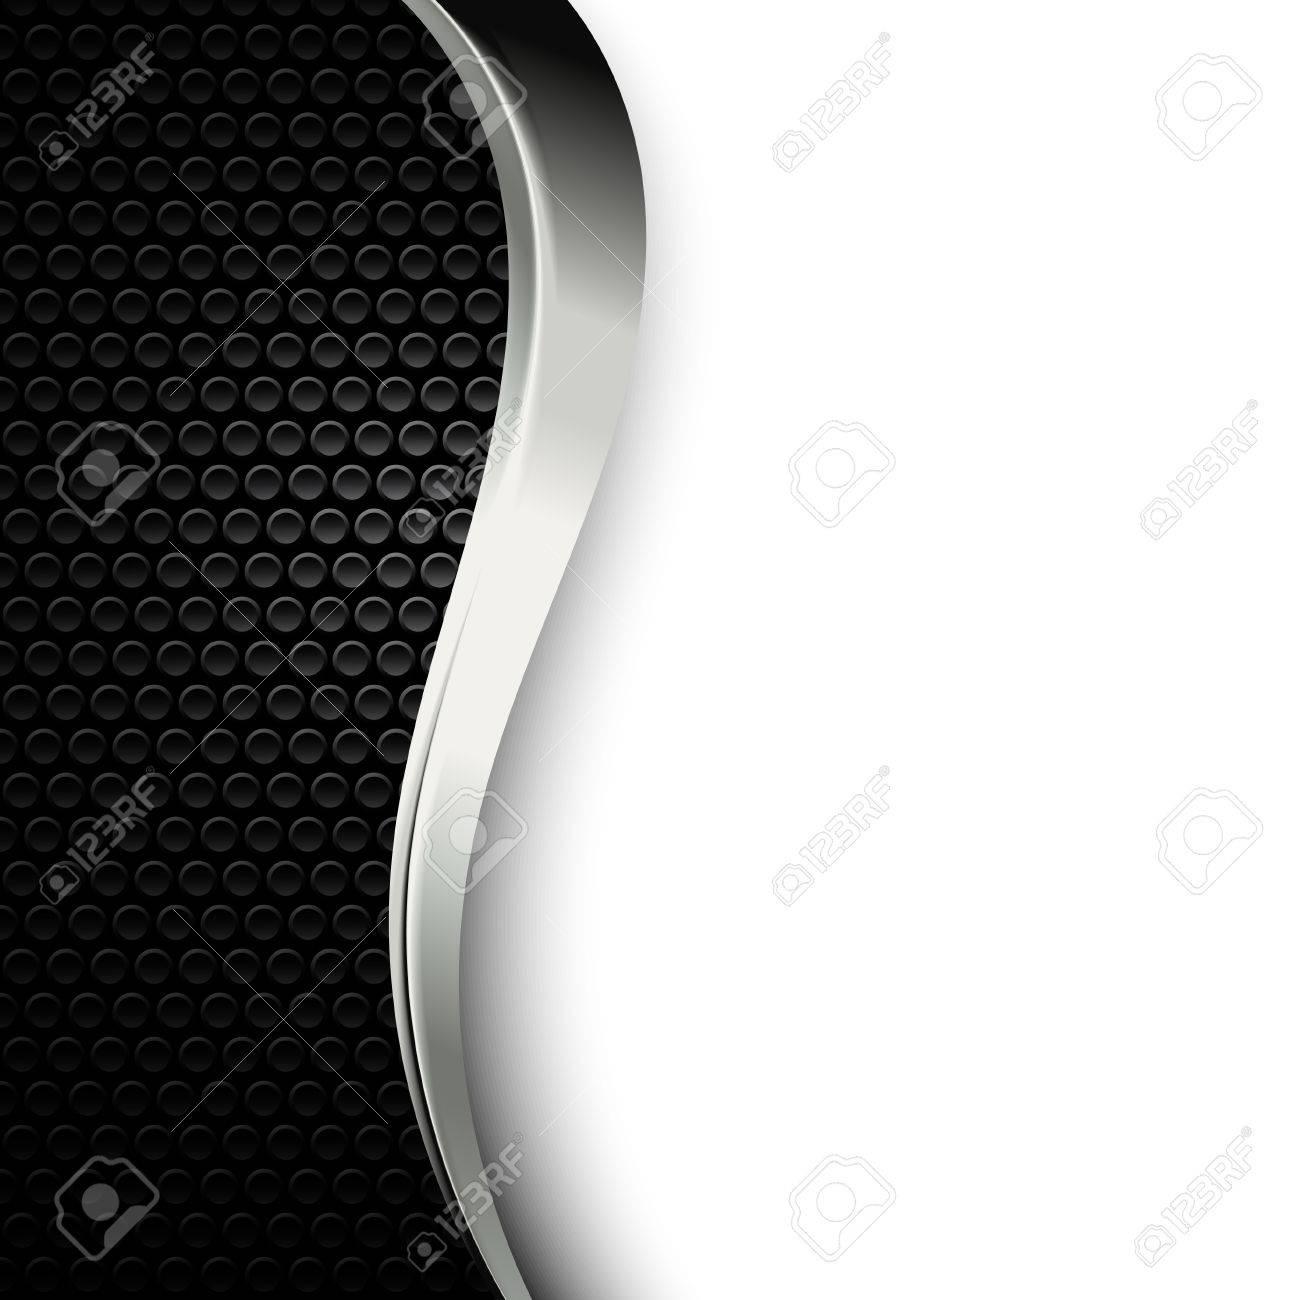 dot metallique perforee texture arriere plan avec chrome fonce bande metallique fond d ecran noir et blanc de style moderne industrielle